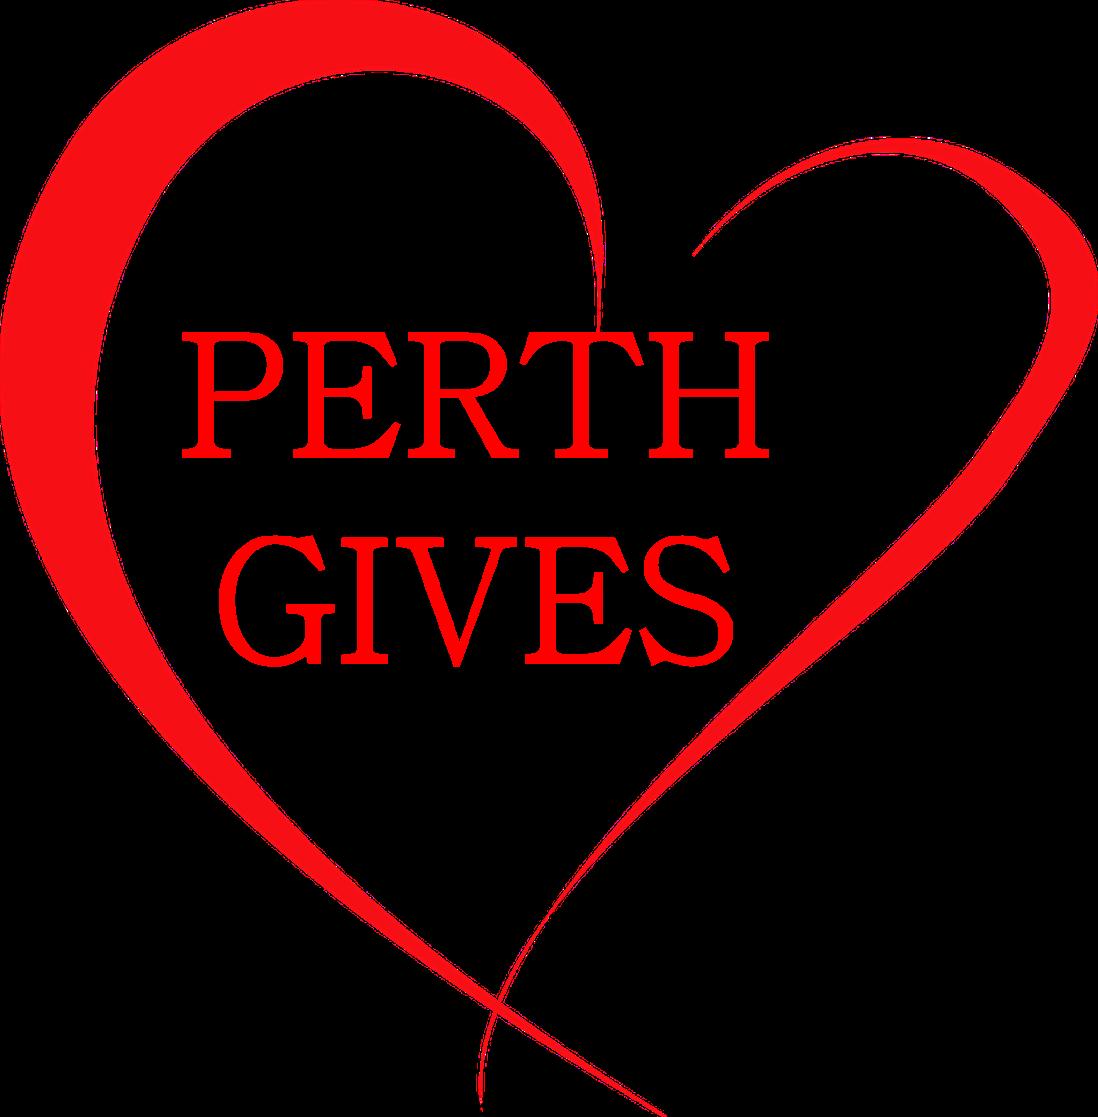 PERTH GIVES